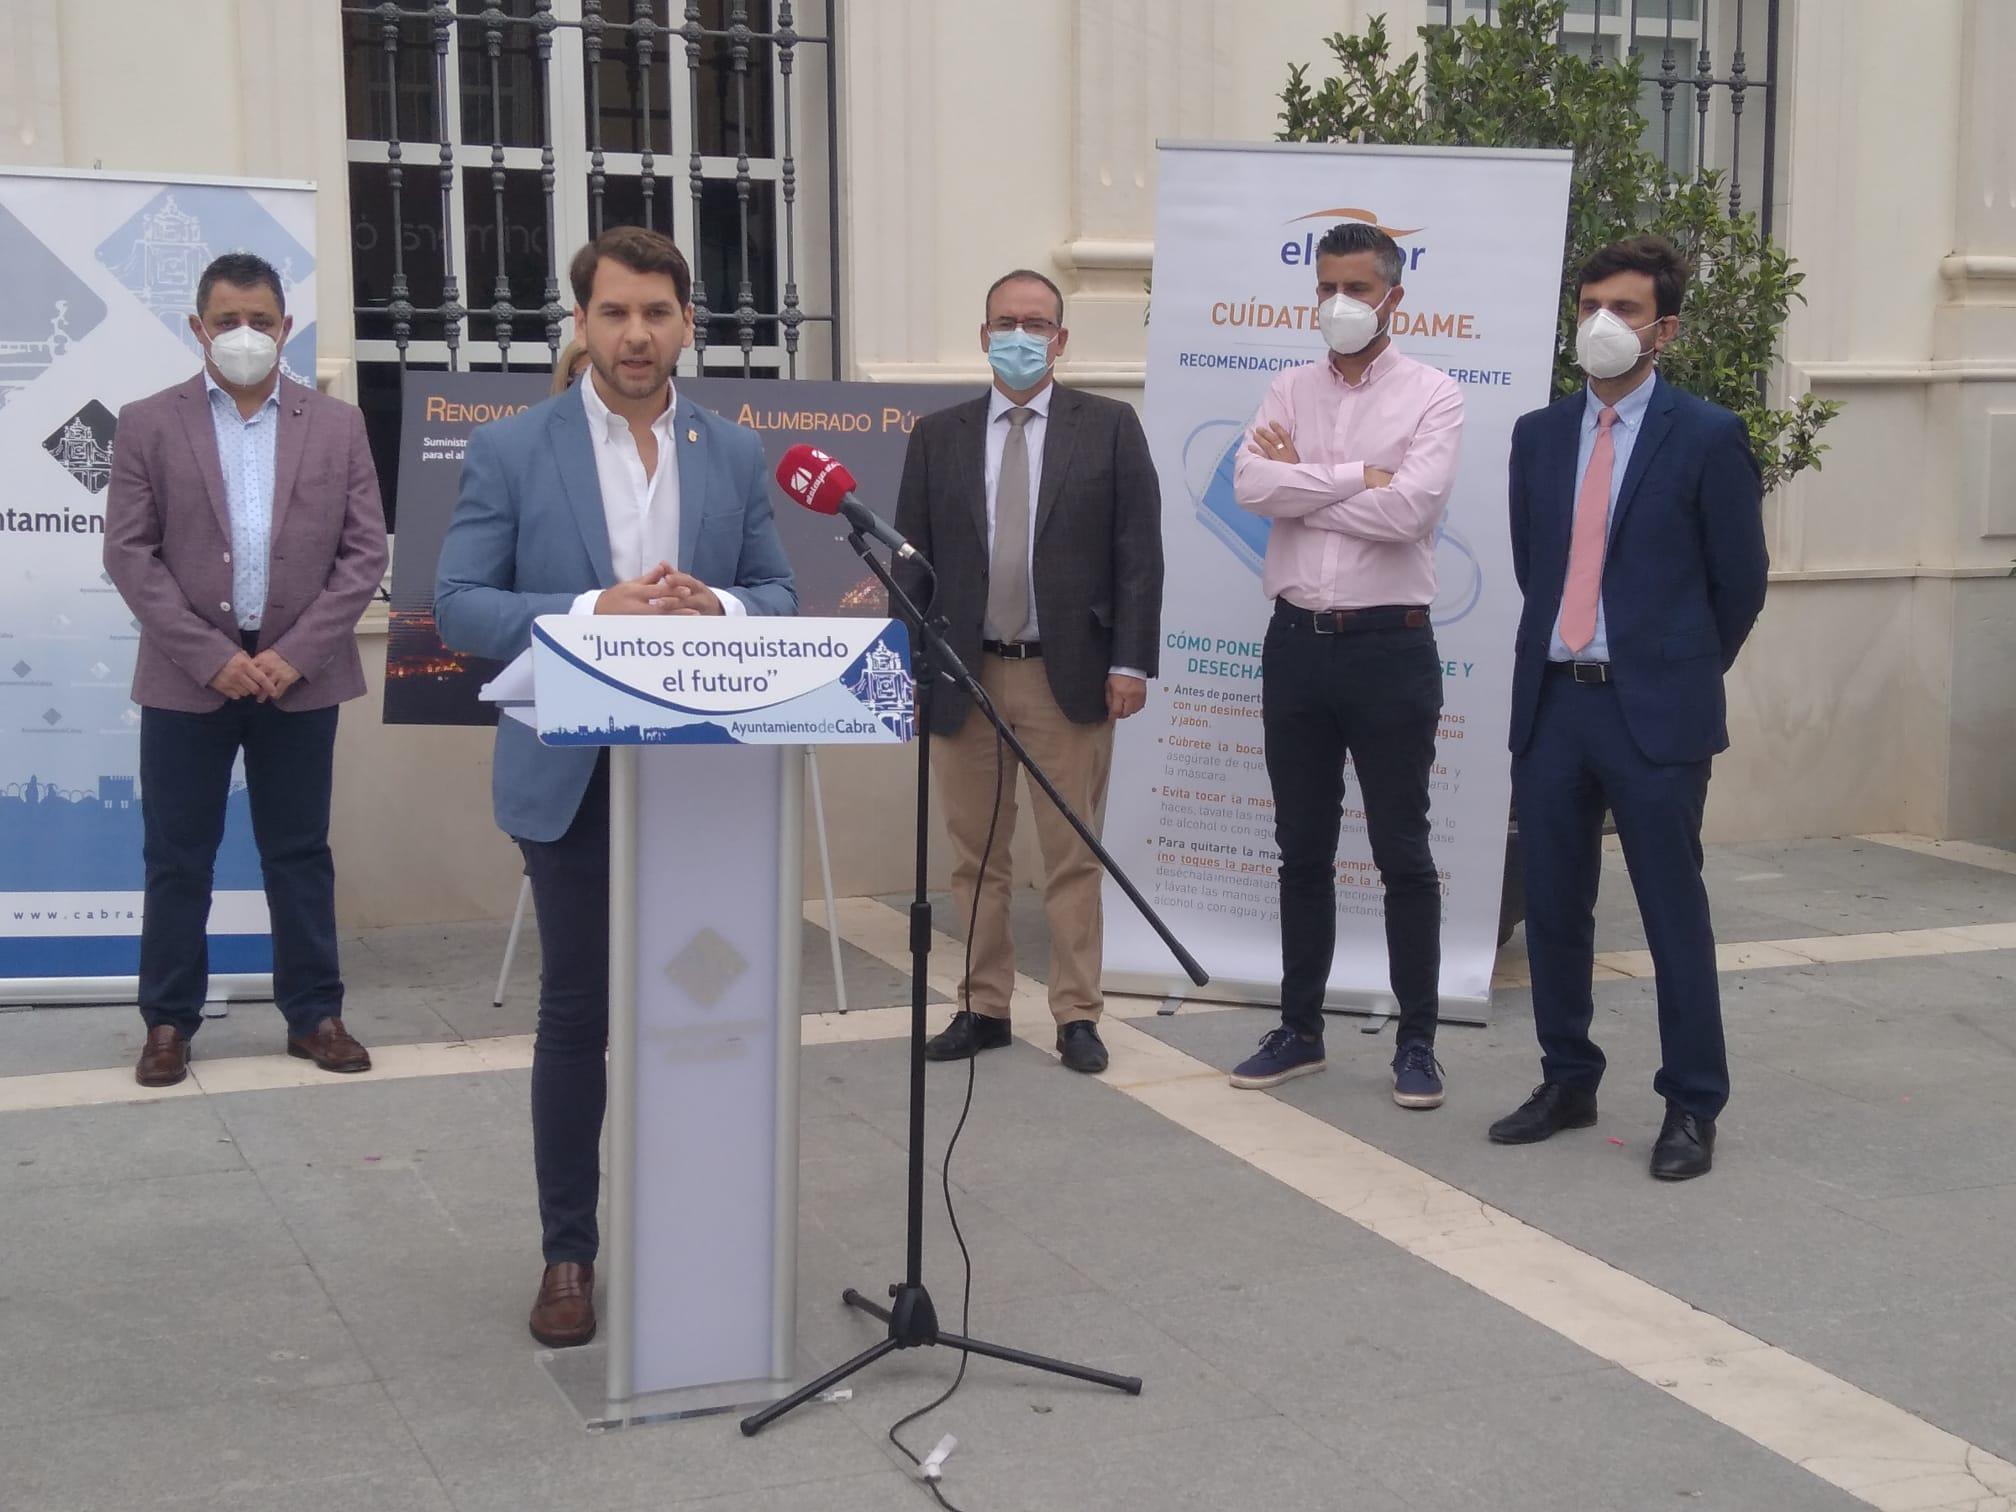 El Ayuntamiento de Cabra invierte más de 2,3 millones de euros en la renovación integral del alumbrado público